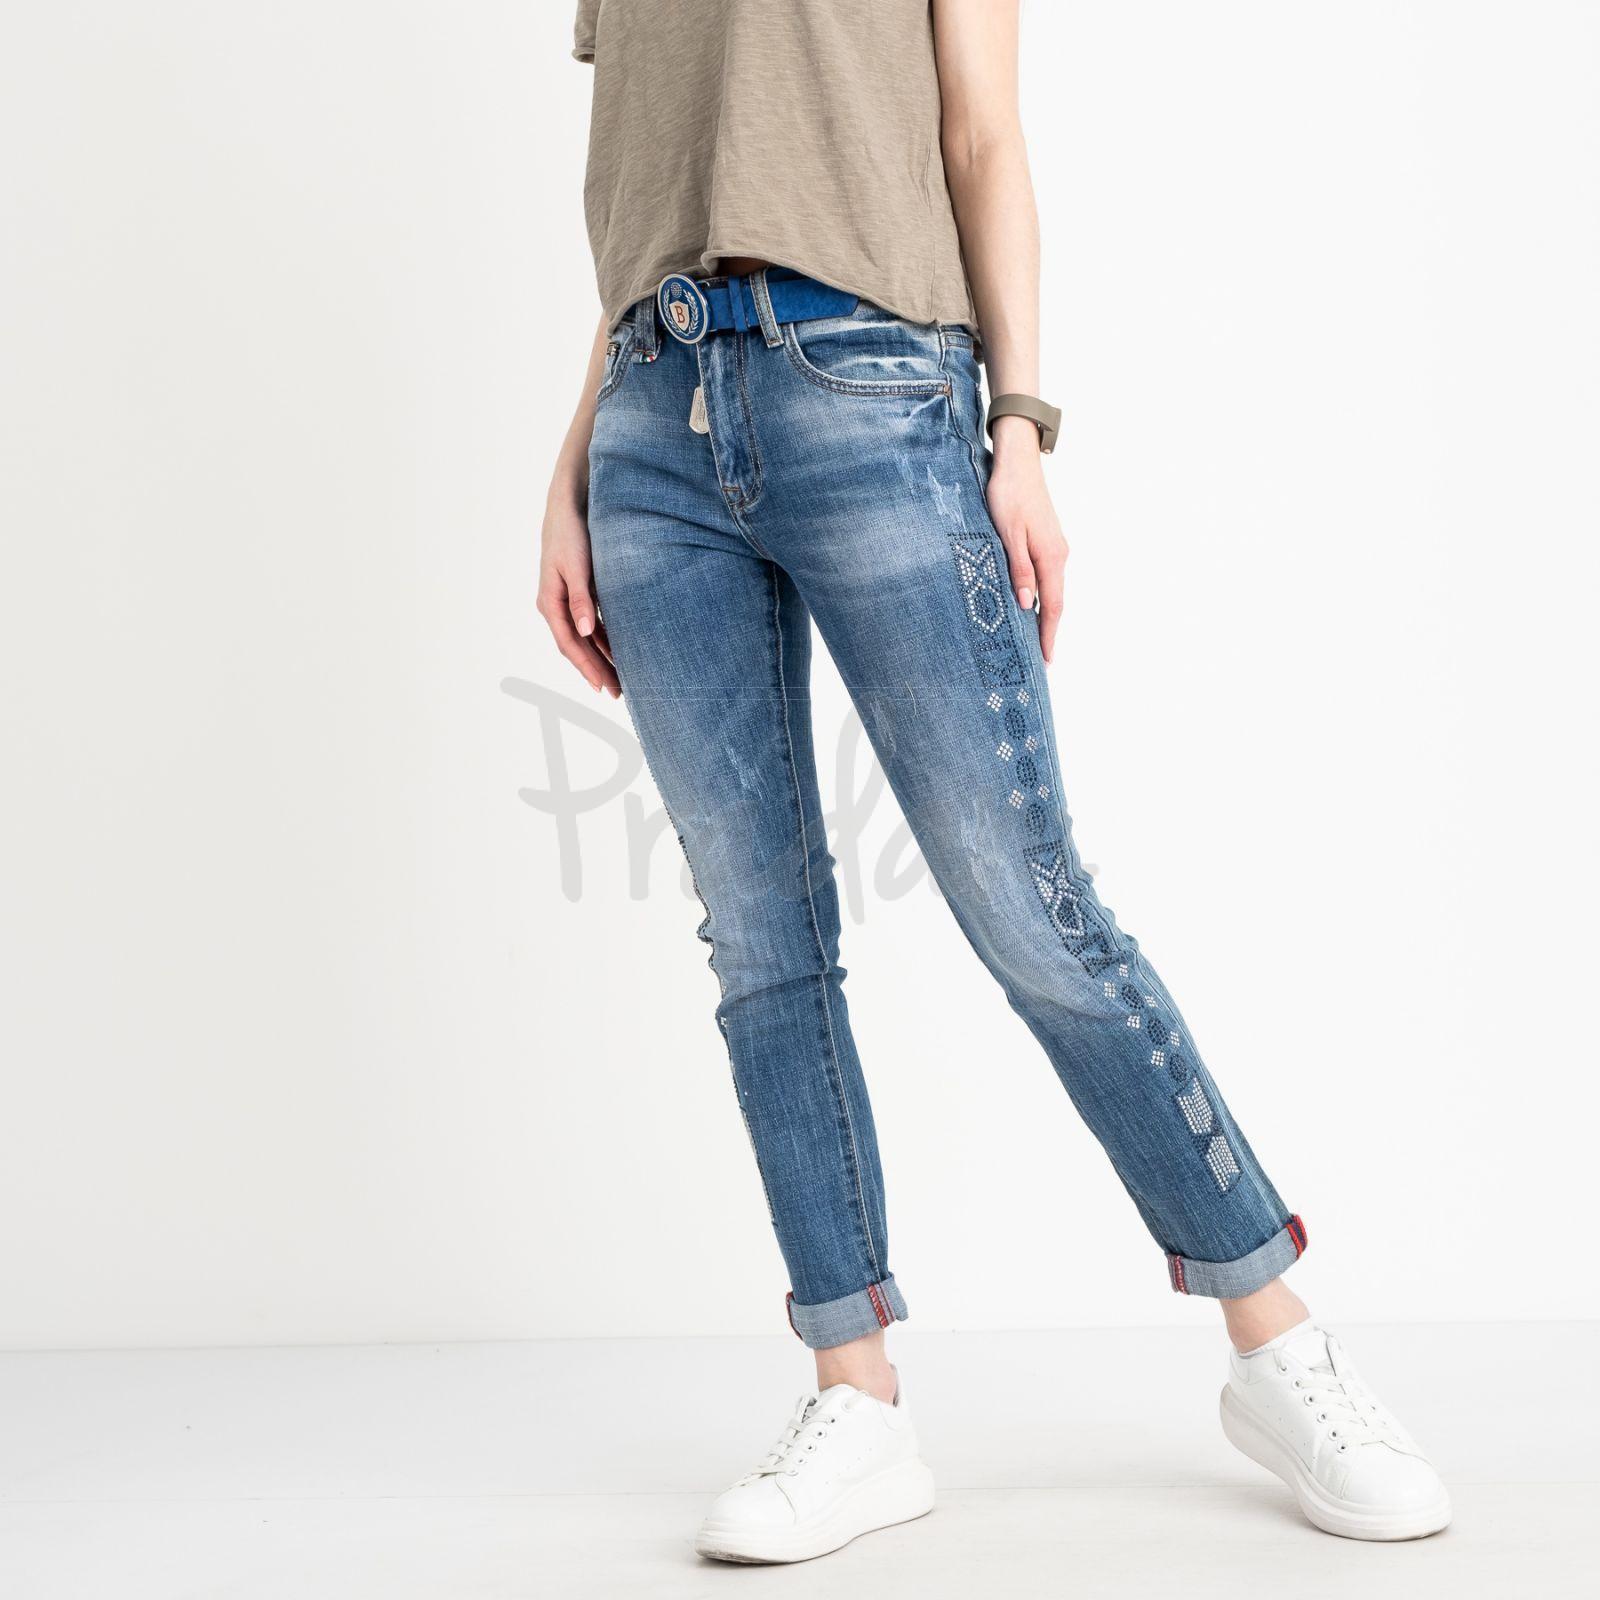 8202 Vanver джинсы женские голубые стрейчевые ( 6 ед. размеры: 25.26.27.28.29.30)